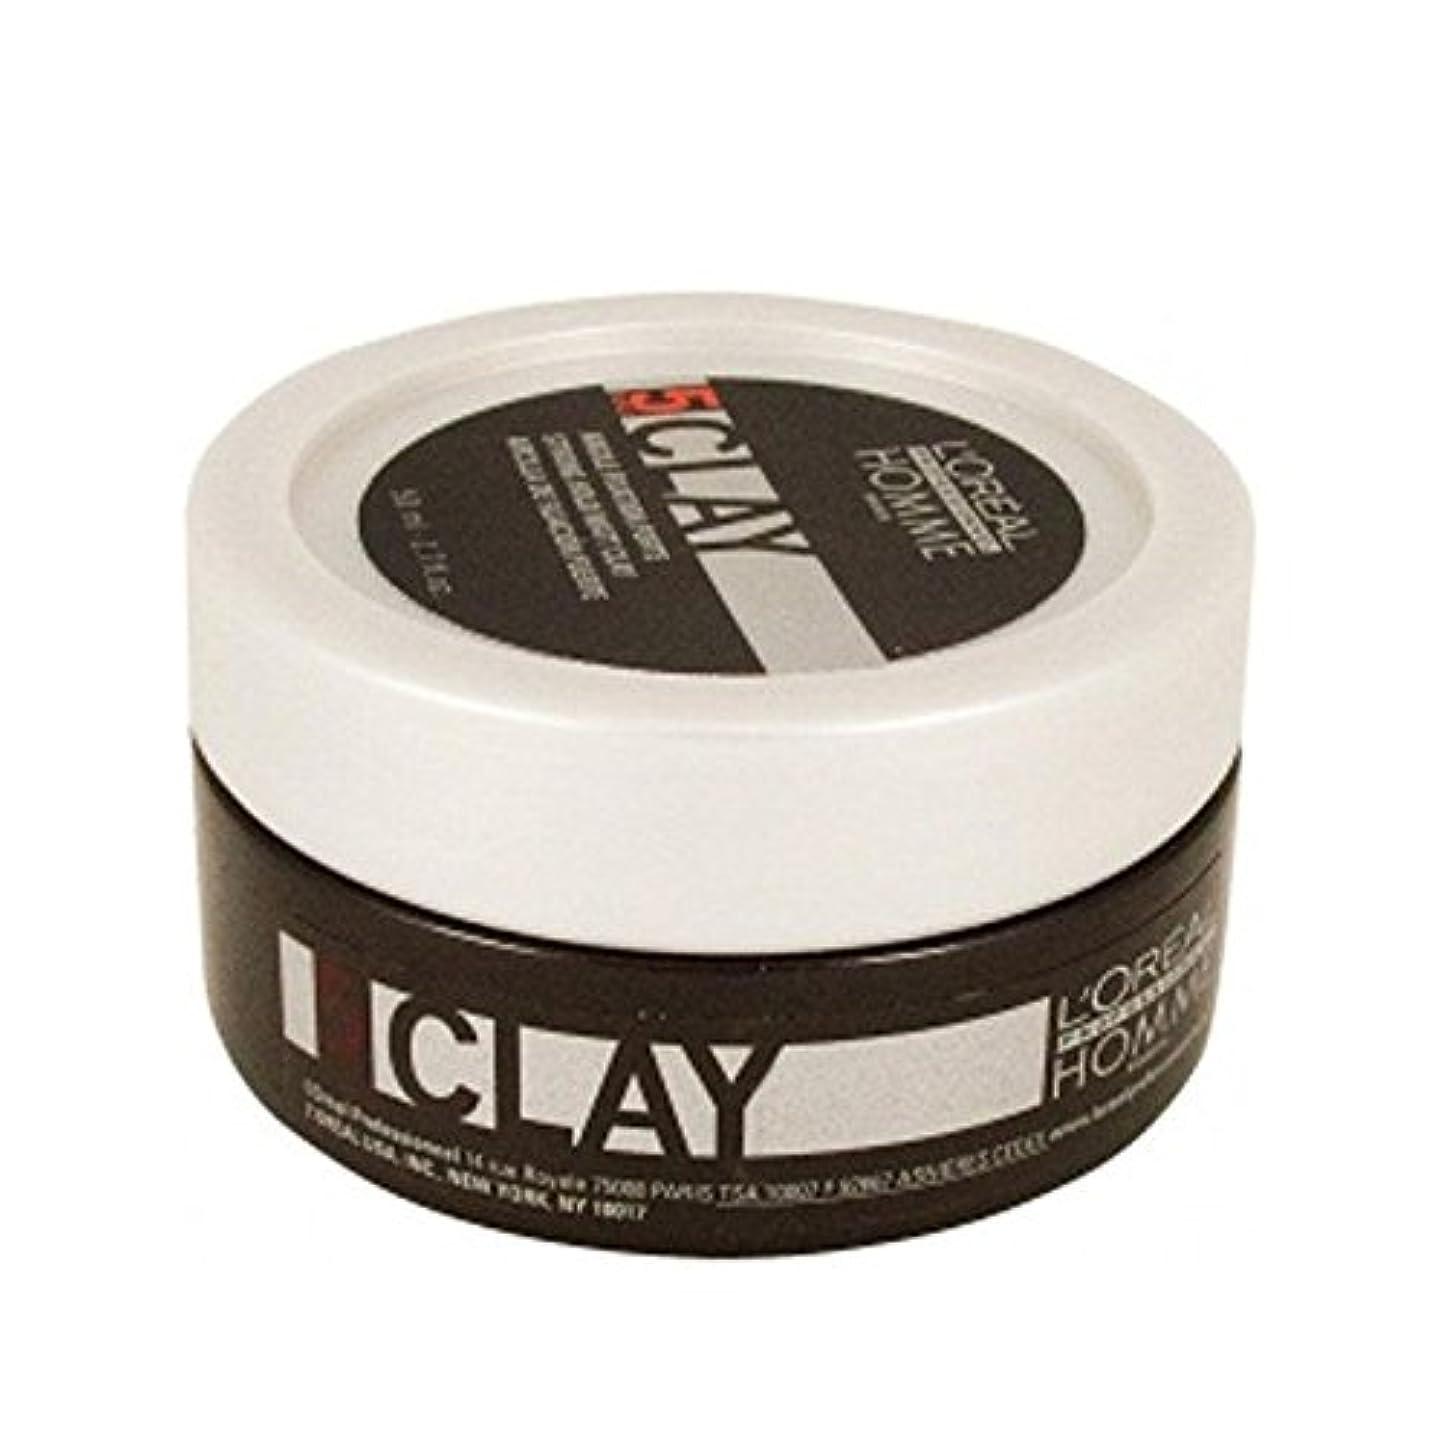 規定通信する彼女はL'Or?al Professionnel Homme Clay ? Strong Hold Clay (50ml) - ロレアルプロフェッショナルのオム粘土 - 強力なホールド粘土(50ミリリットル) [並行輸入品]